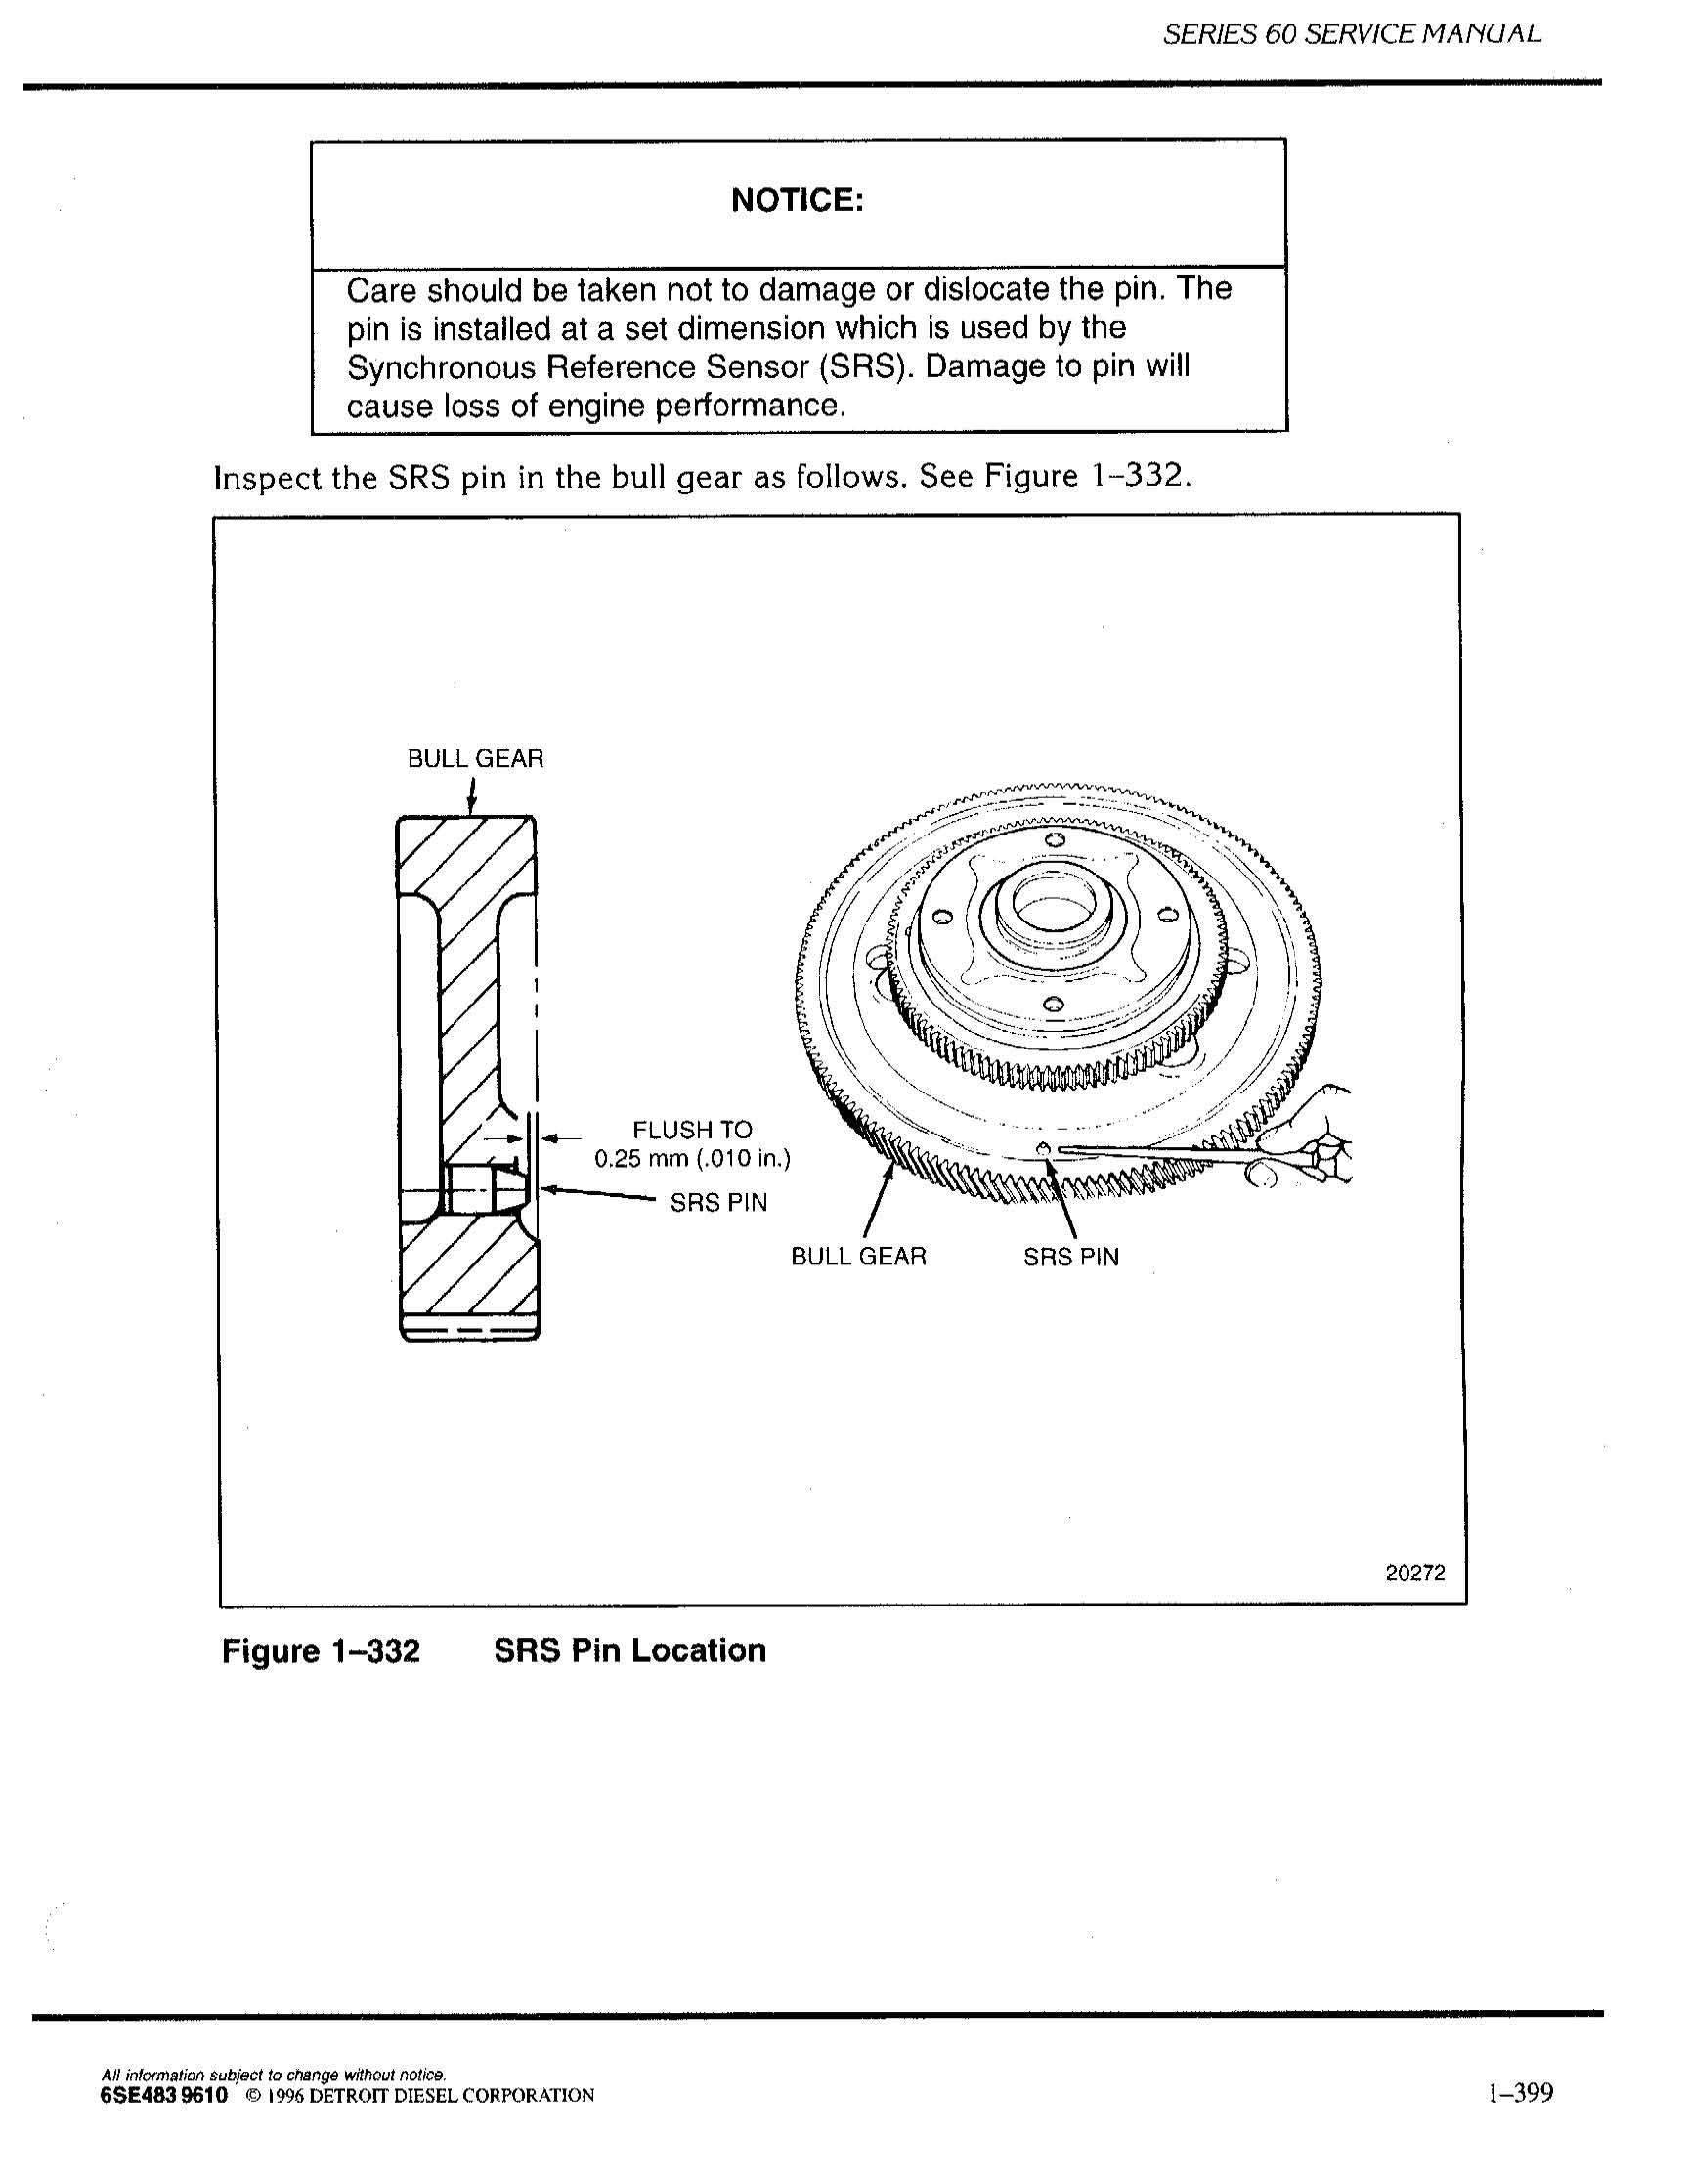 I have a 2004 Series 60 Detroit 14 liter EGR engine that we